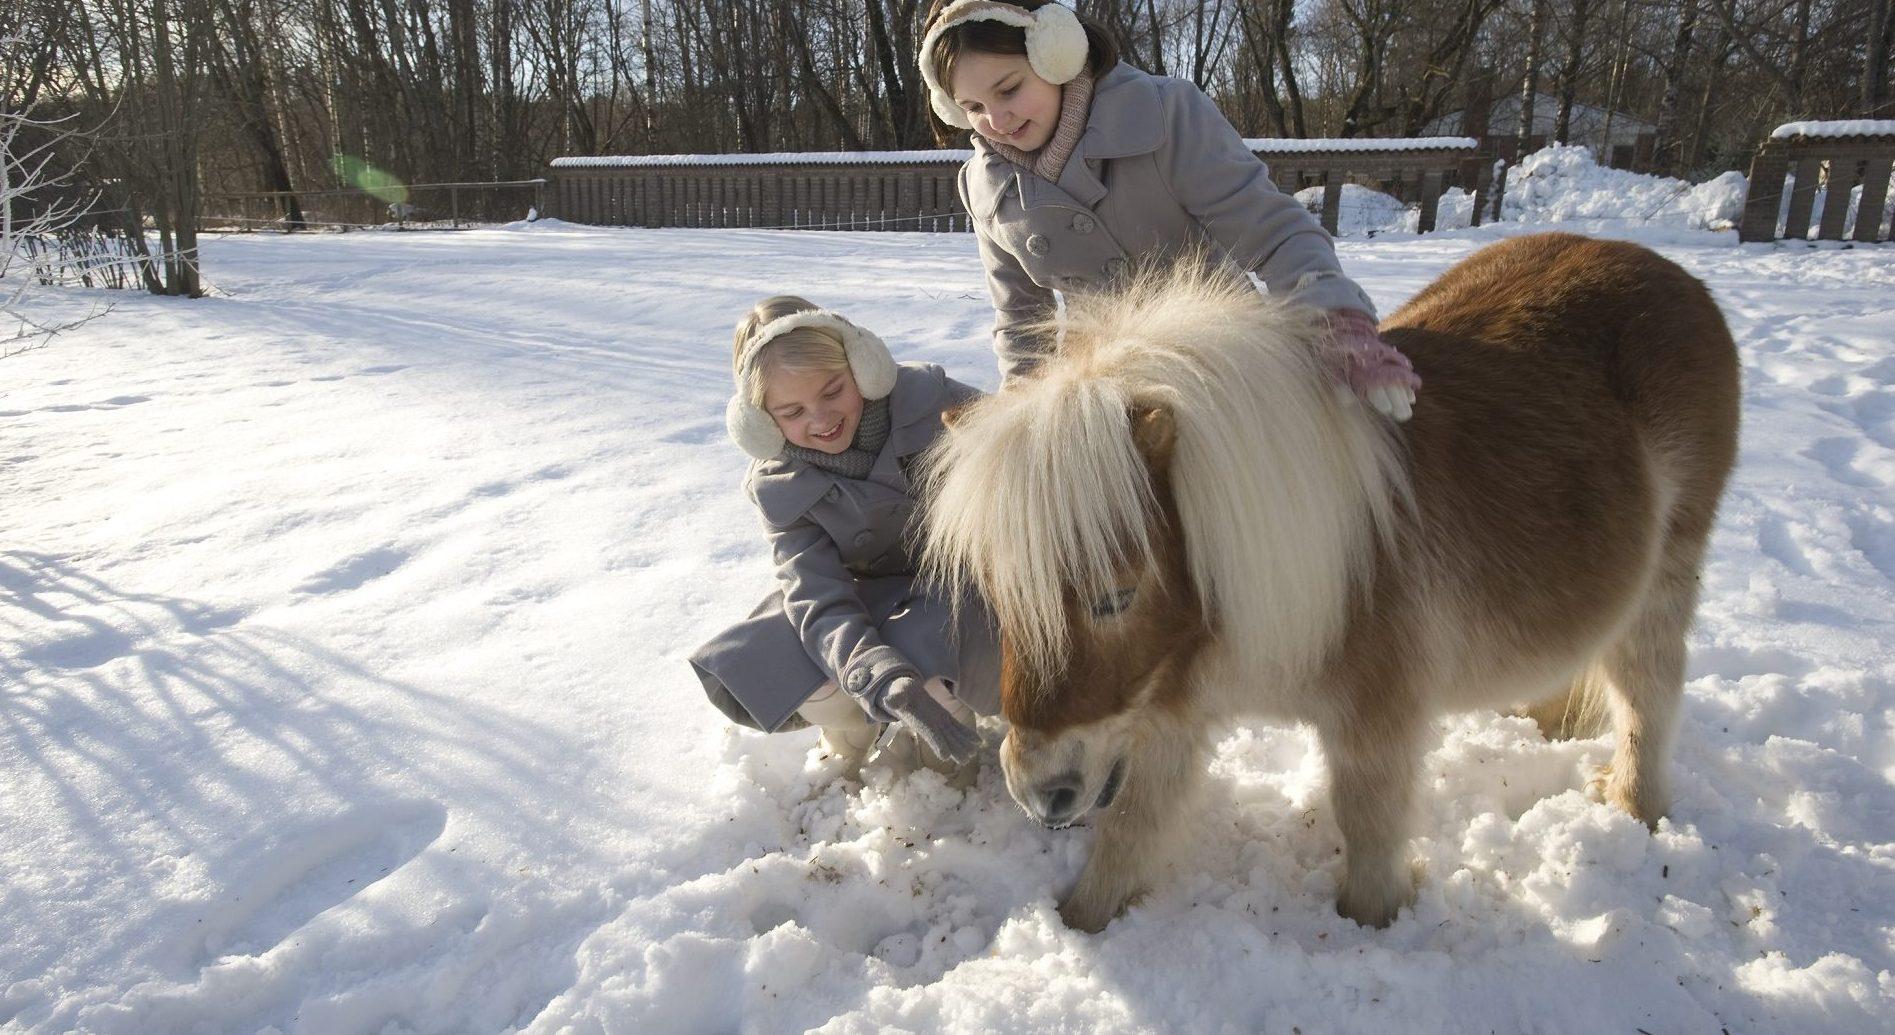 Zimowe przygody Jill i Joy | Filmoniada online